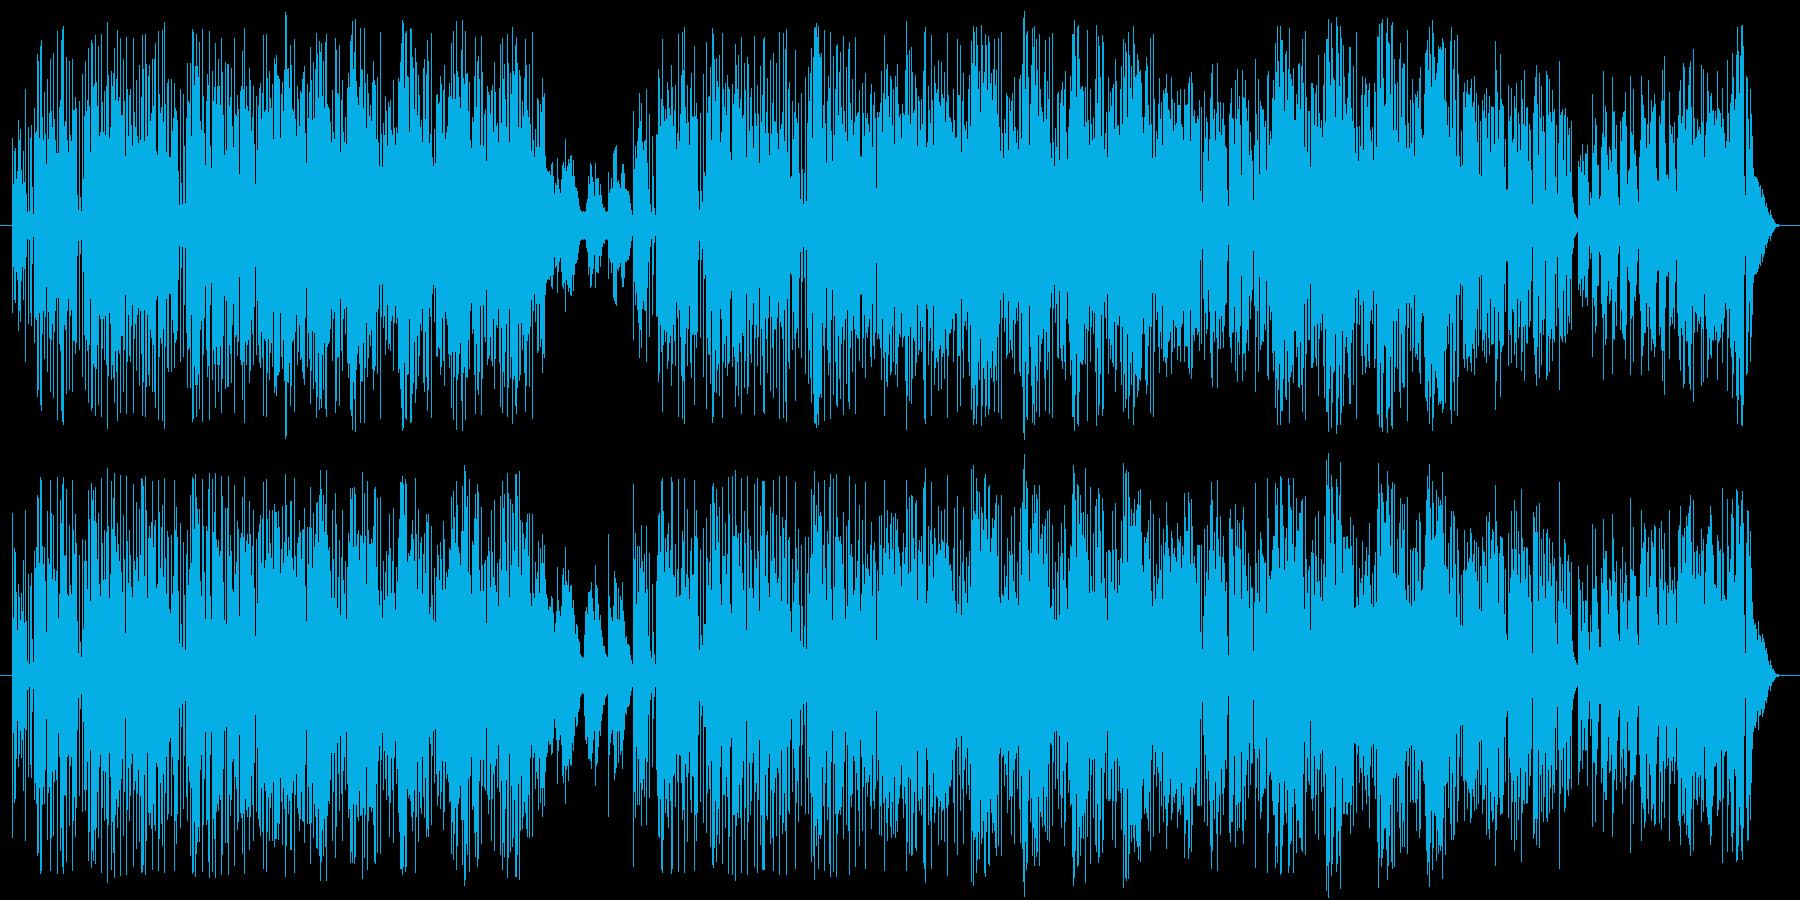 ジャズ調のバラード曲の再生済みの波形